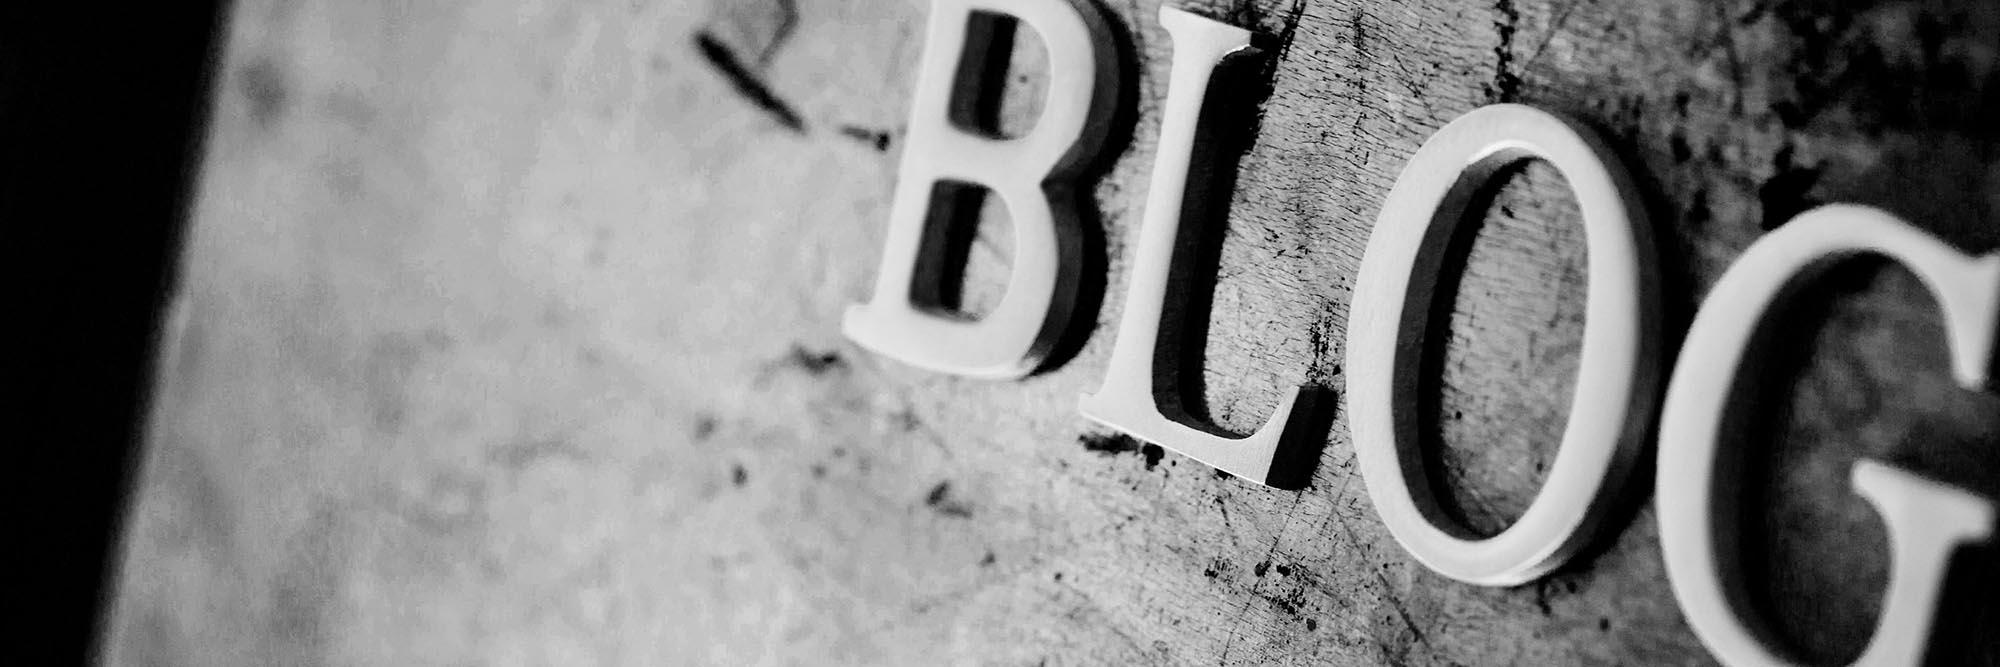 מבקר המדינה - הבלוג של אודי בורג